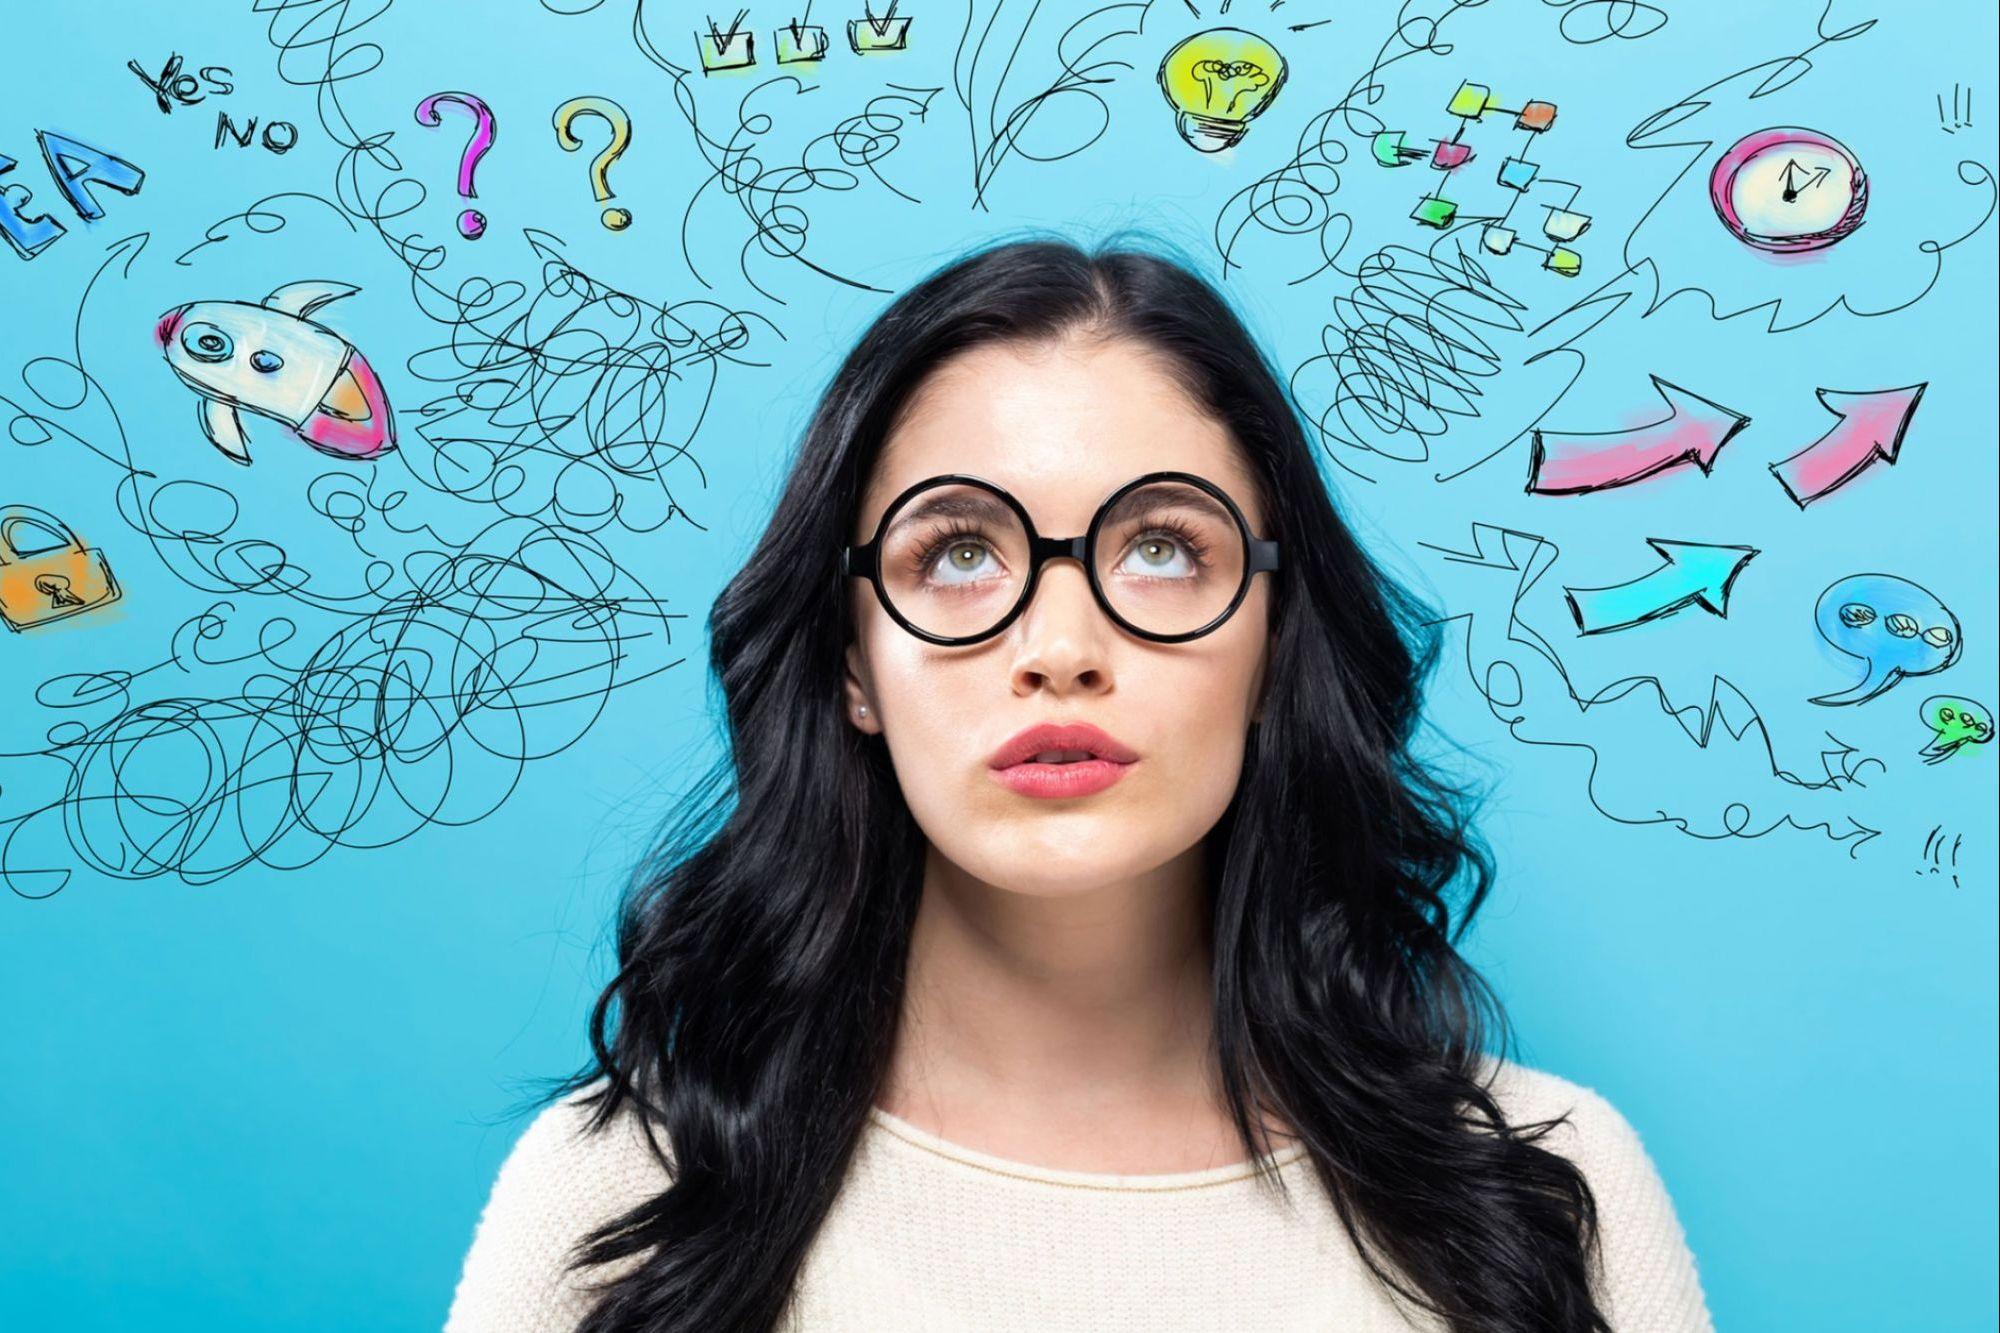 Tecnología Top articulos - Entrepreneur